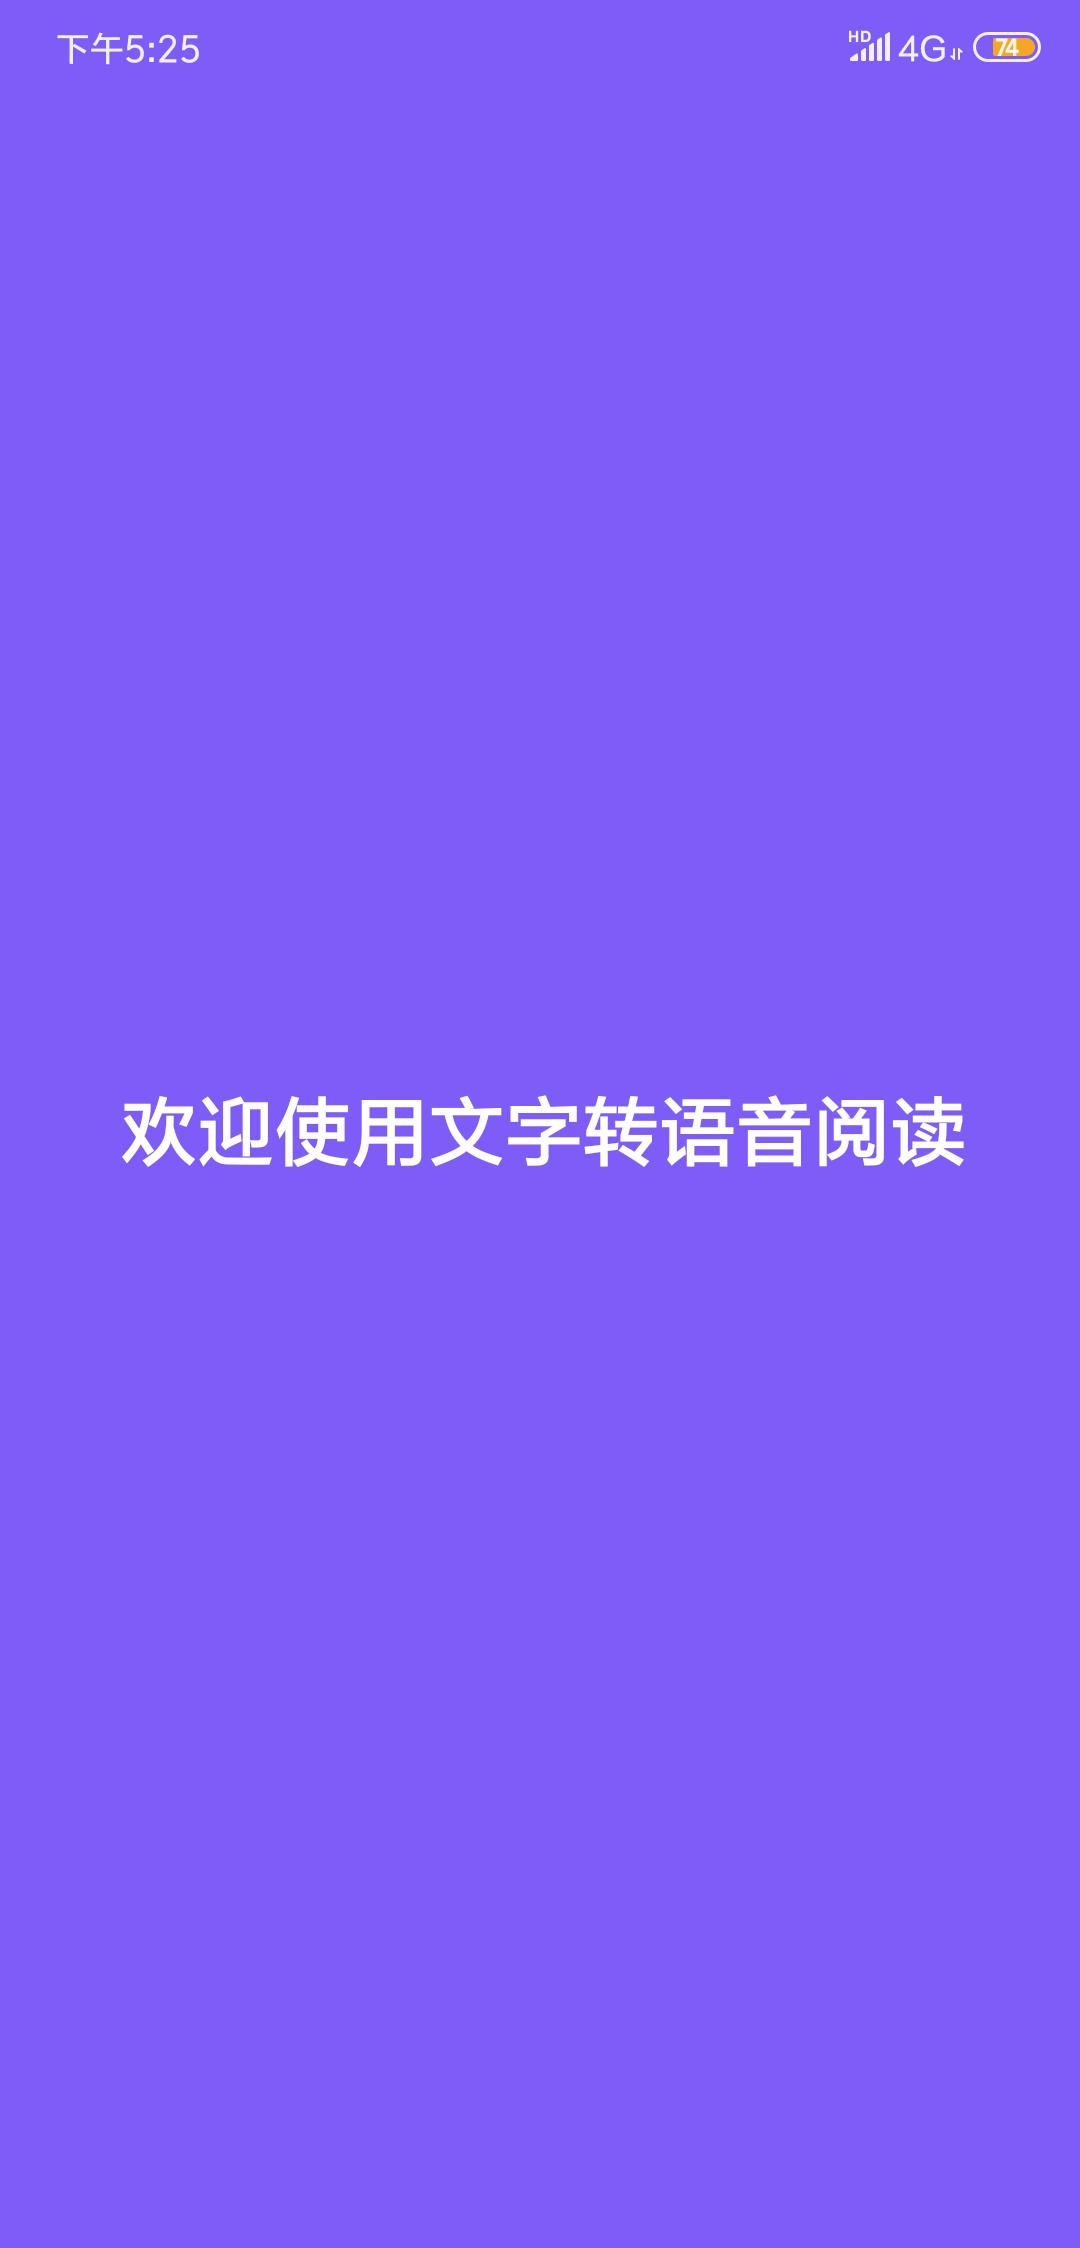 【原创开发】一款可以将文字转换成语音的应用APP